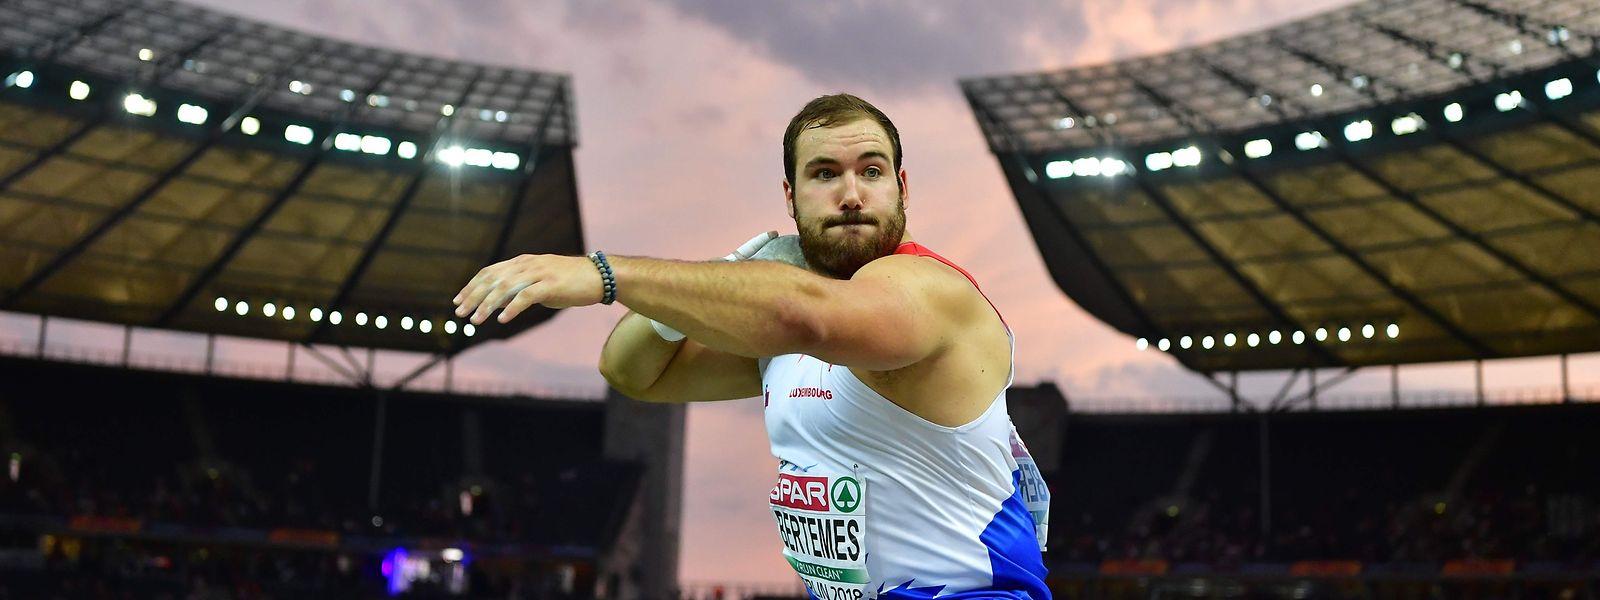 """Bei der Leichtathletik-EM in Berlin gelingt Bob Bertemes der Durchbruch. """"Seitdem nehme ich alles als Bonus"""", sagt er."""